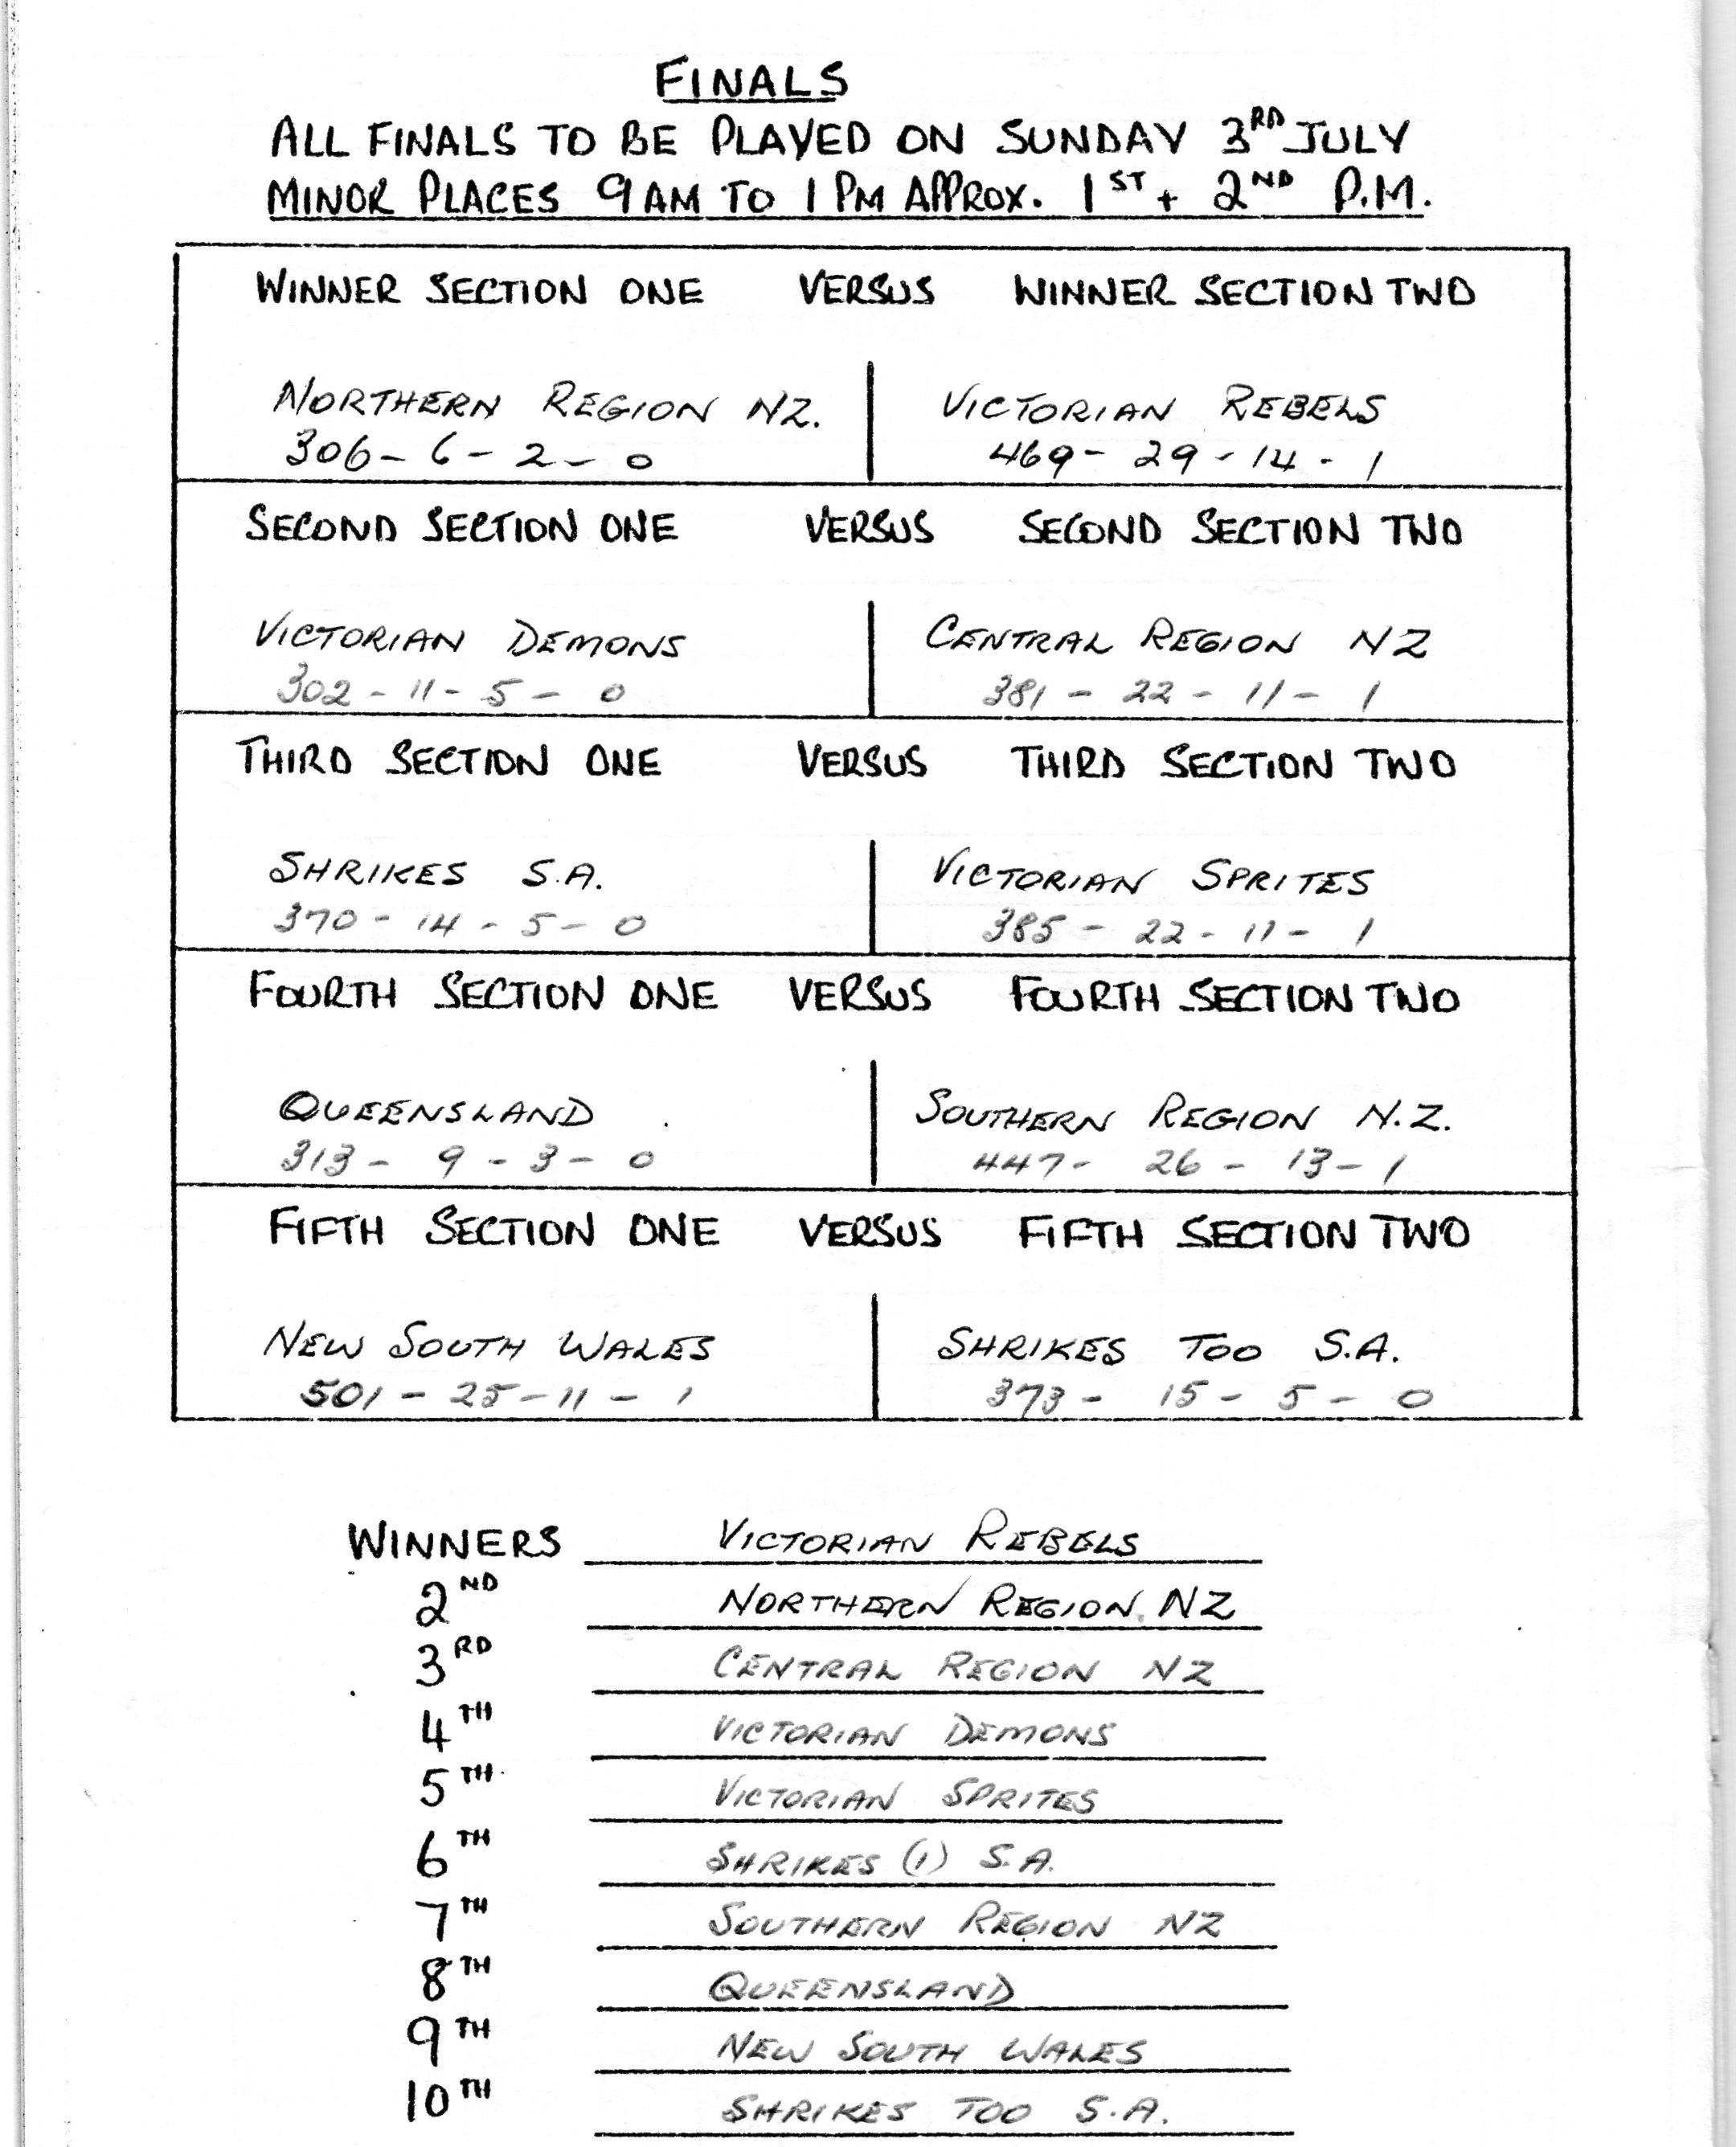 1988 June Bevan Trophy Final Results